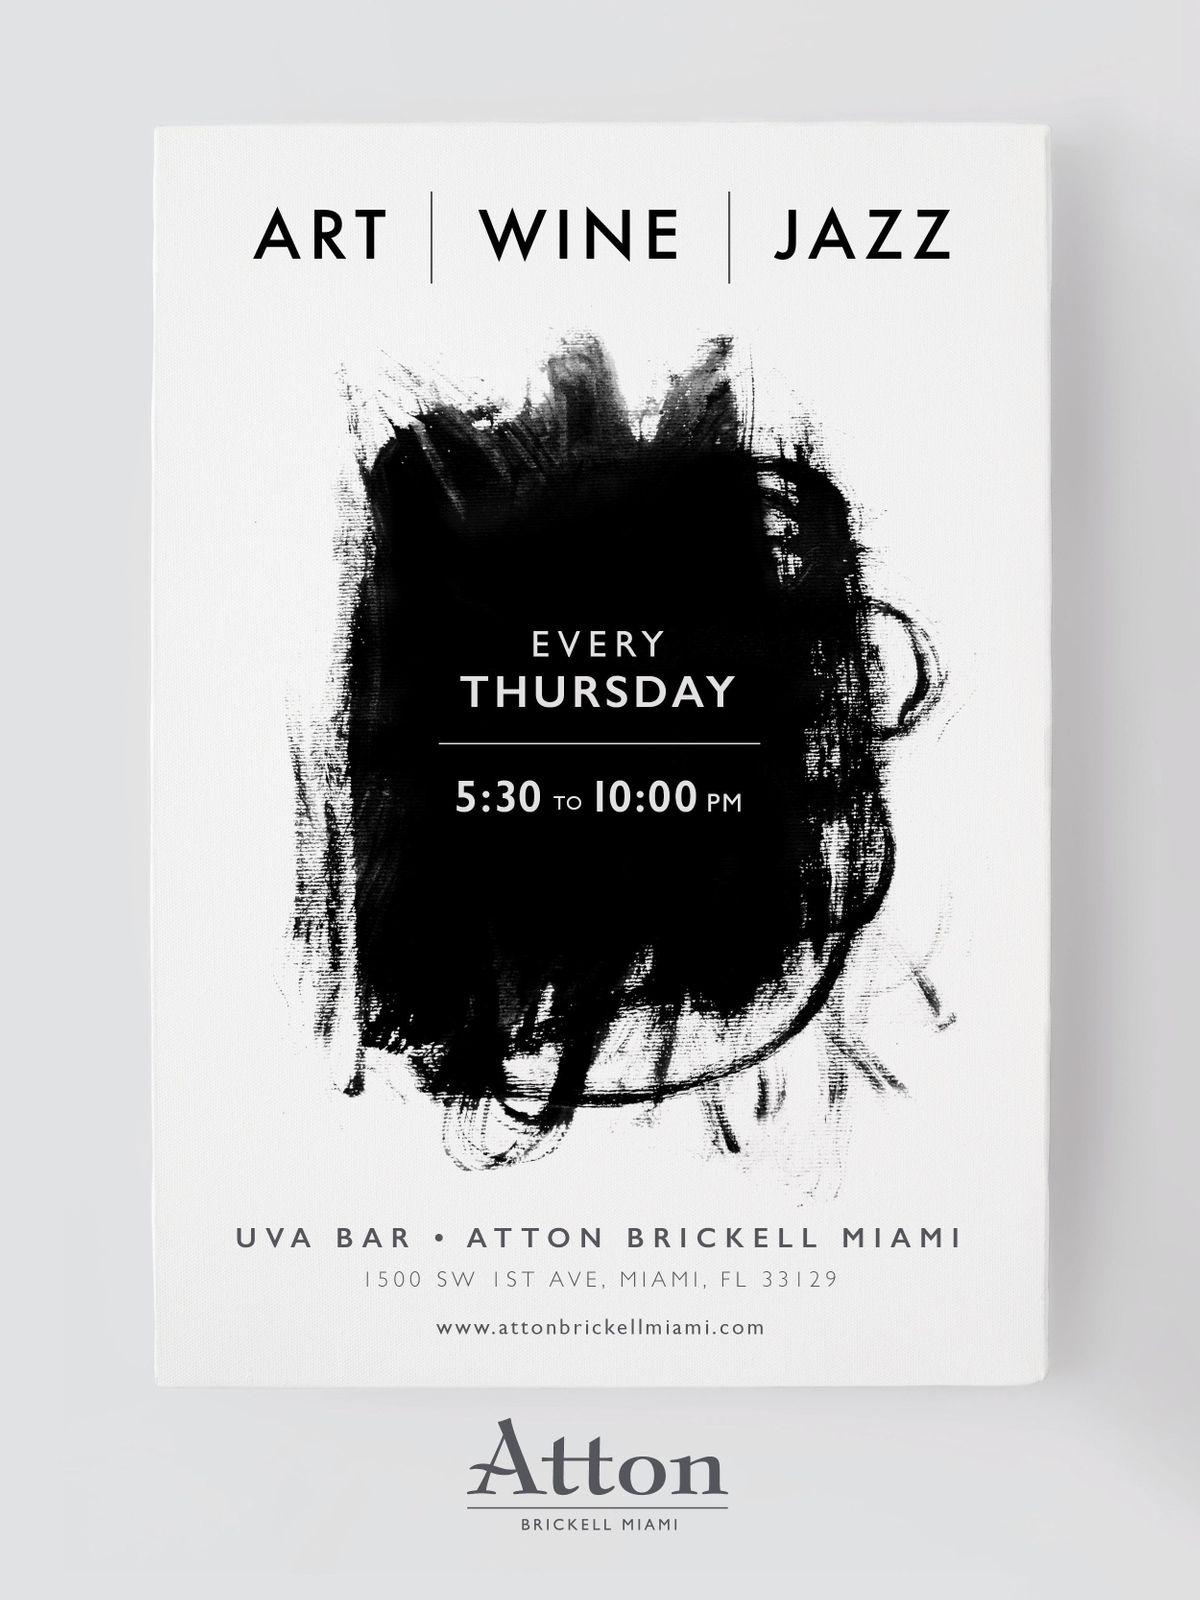 Art Wine and Jazz